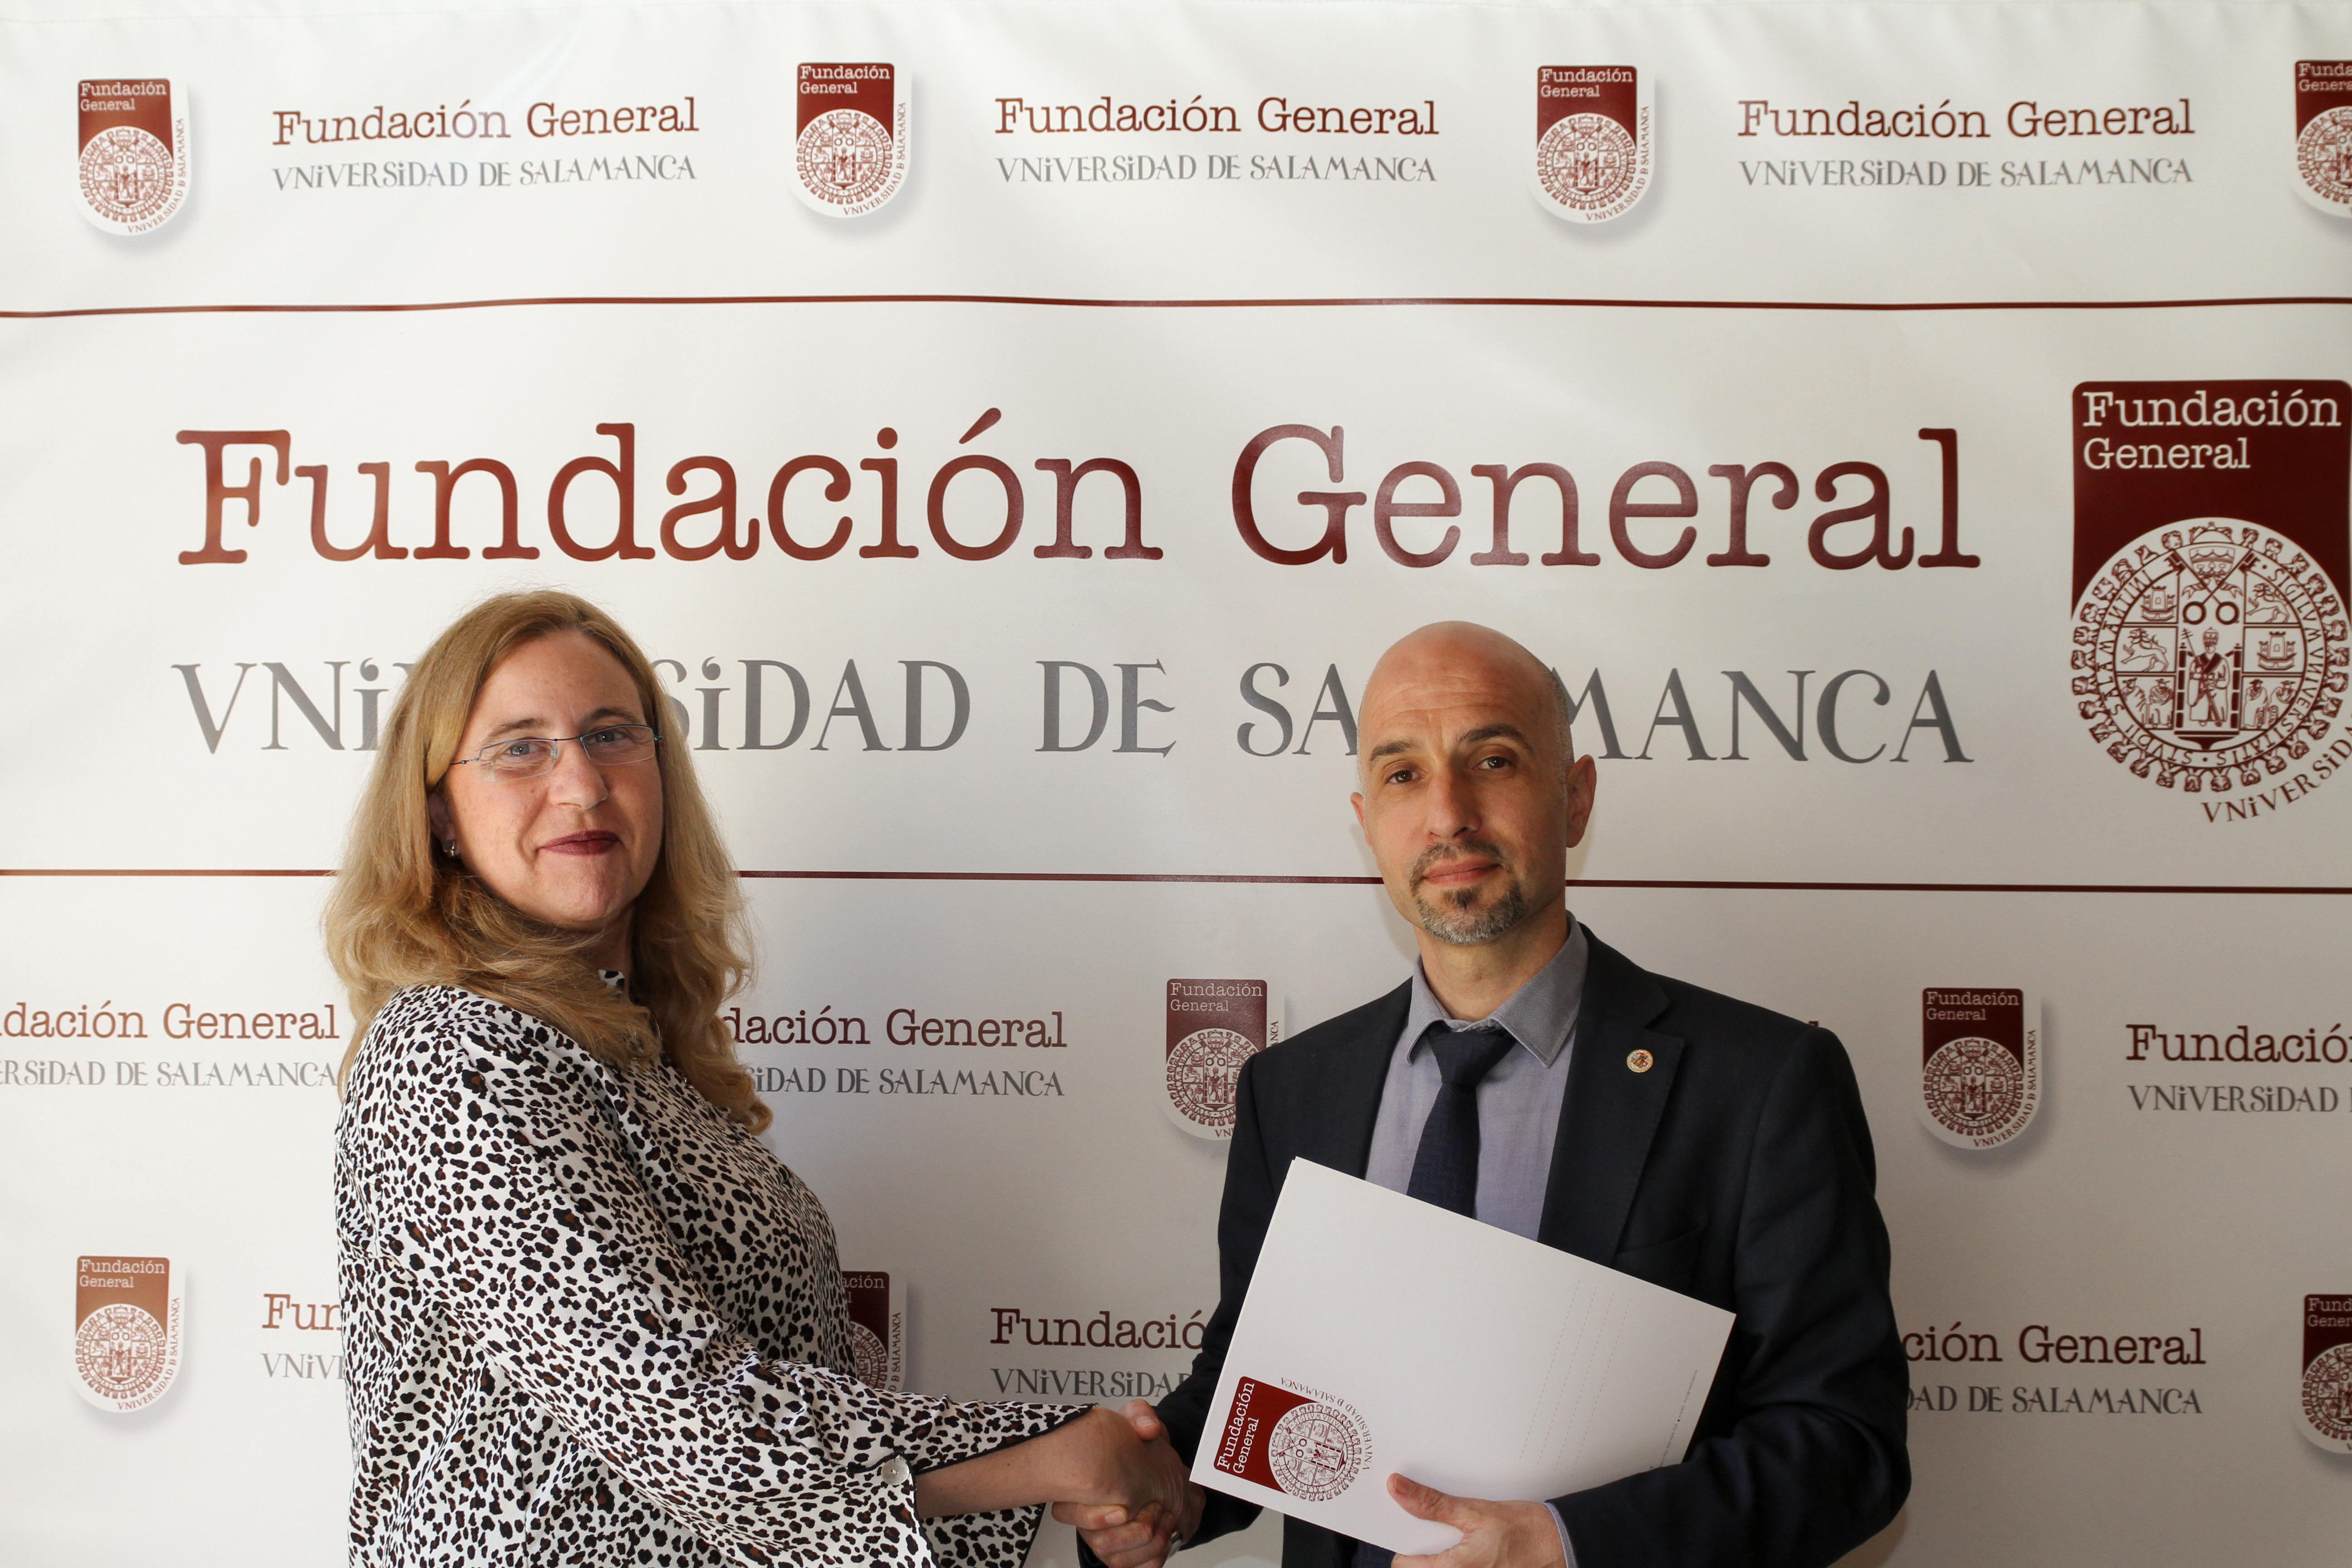 La Fundación General de la Universidad de Salamanca y la Asociación Ariadna suscriben un convenio de colaboración